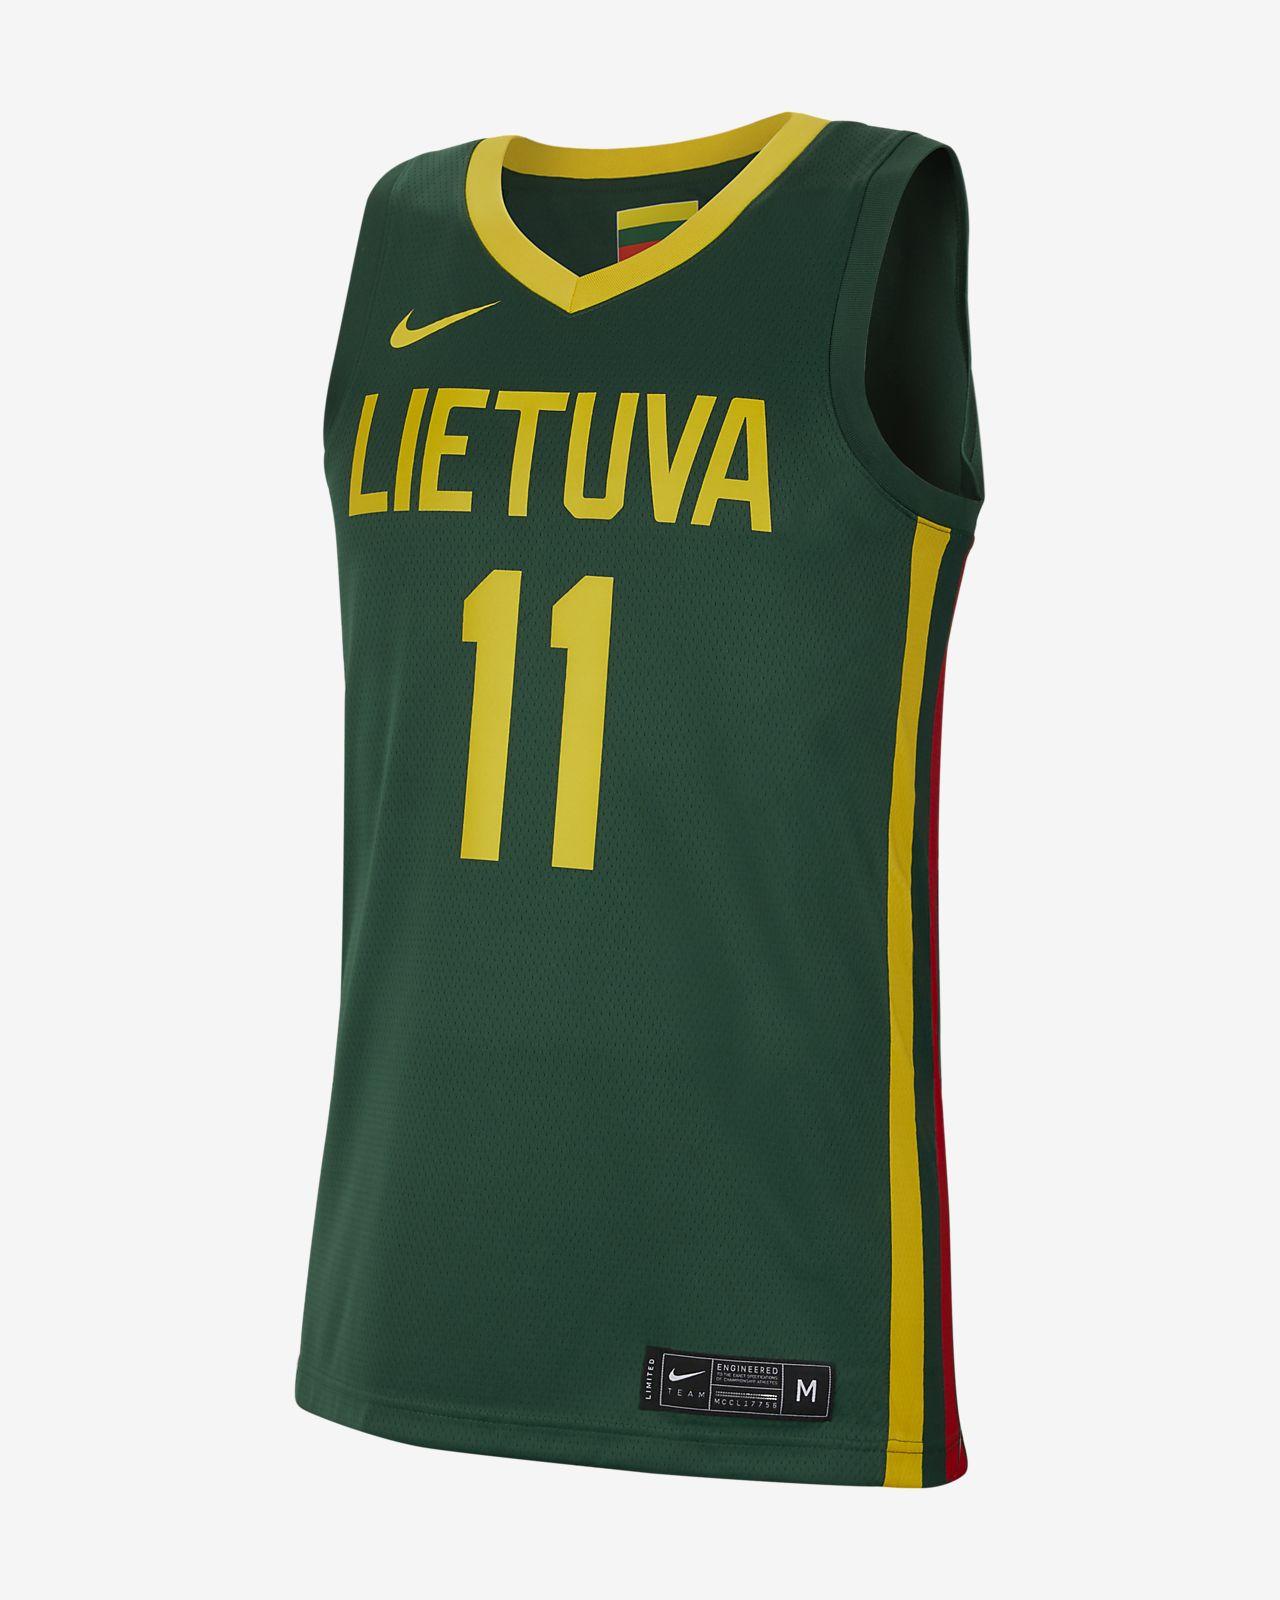 Camisola de basquetebol Lithuania Nike (Road) para homem